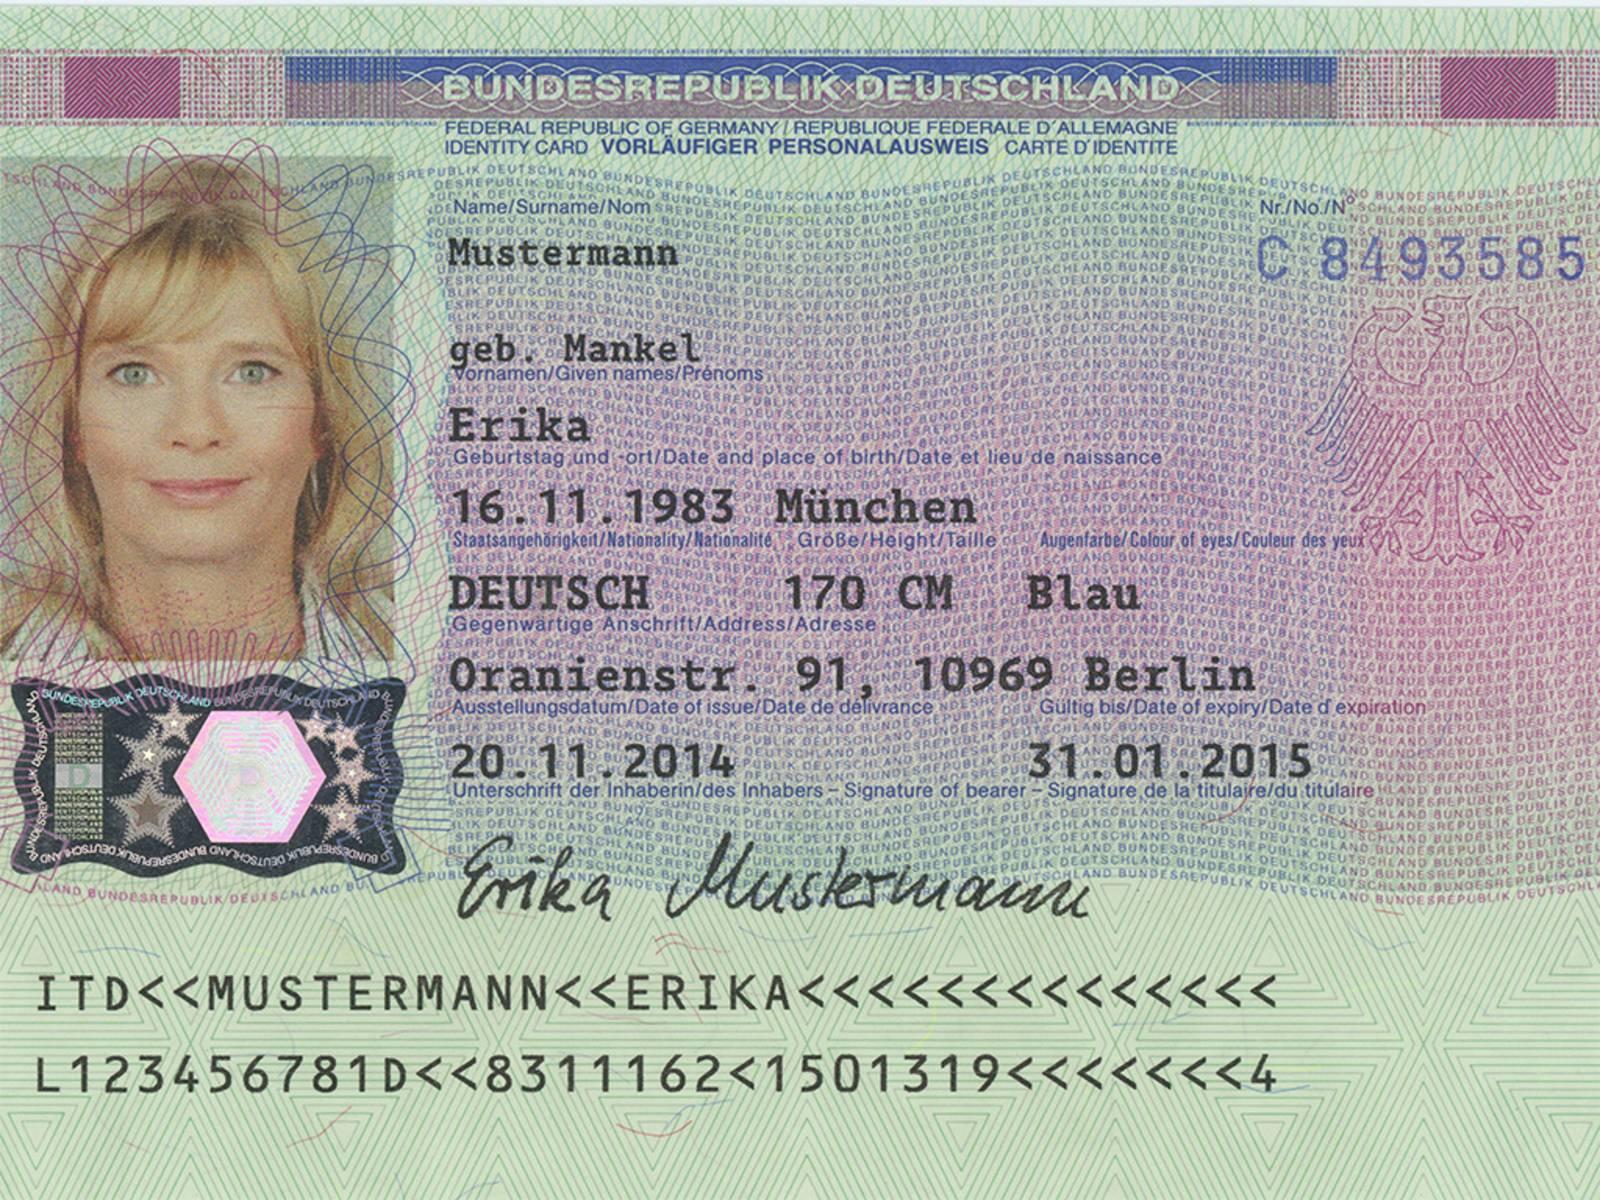 Die ich wo personalausweisnummer finde Die Ausweisnummer